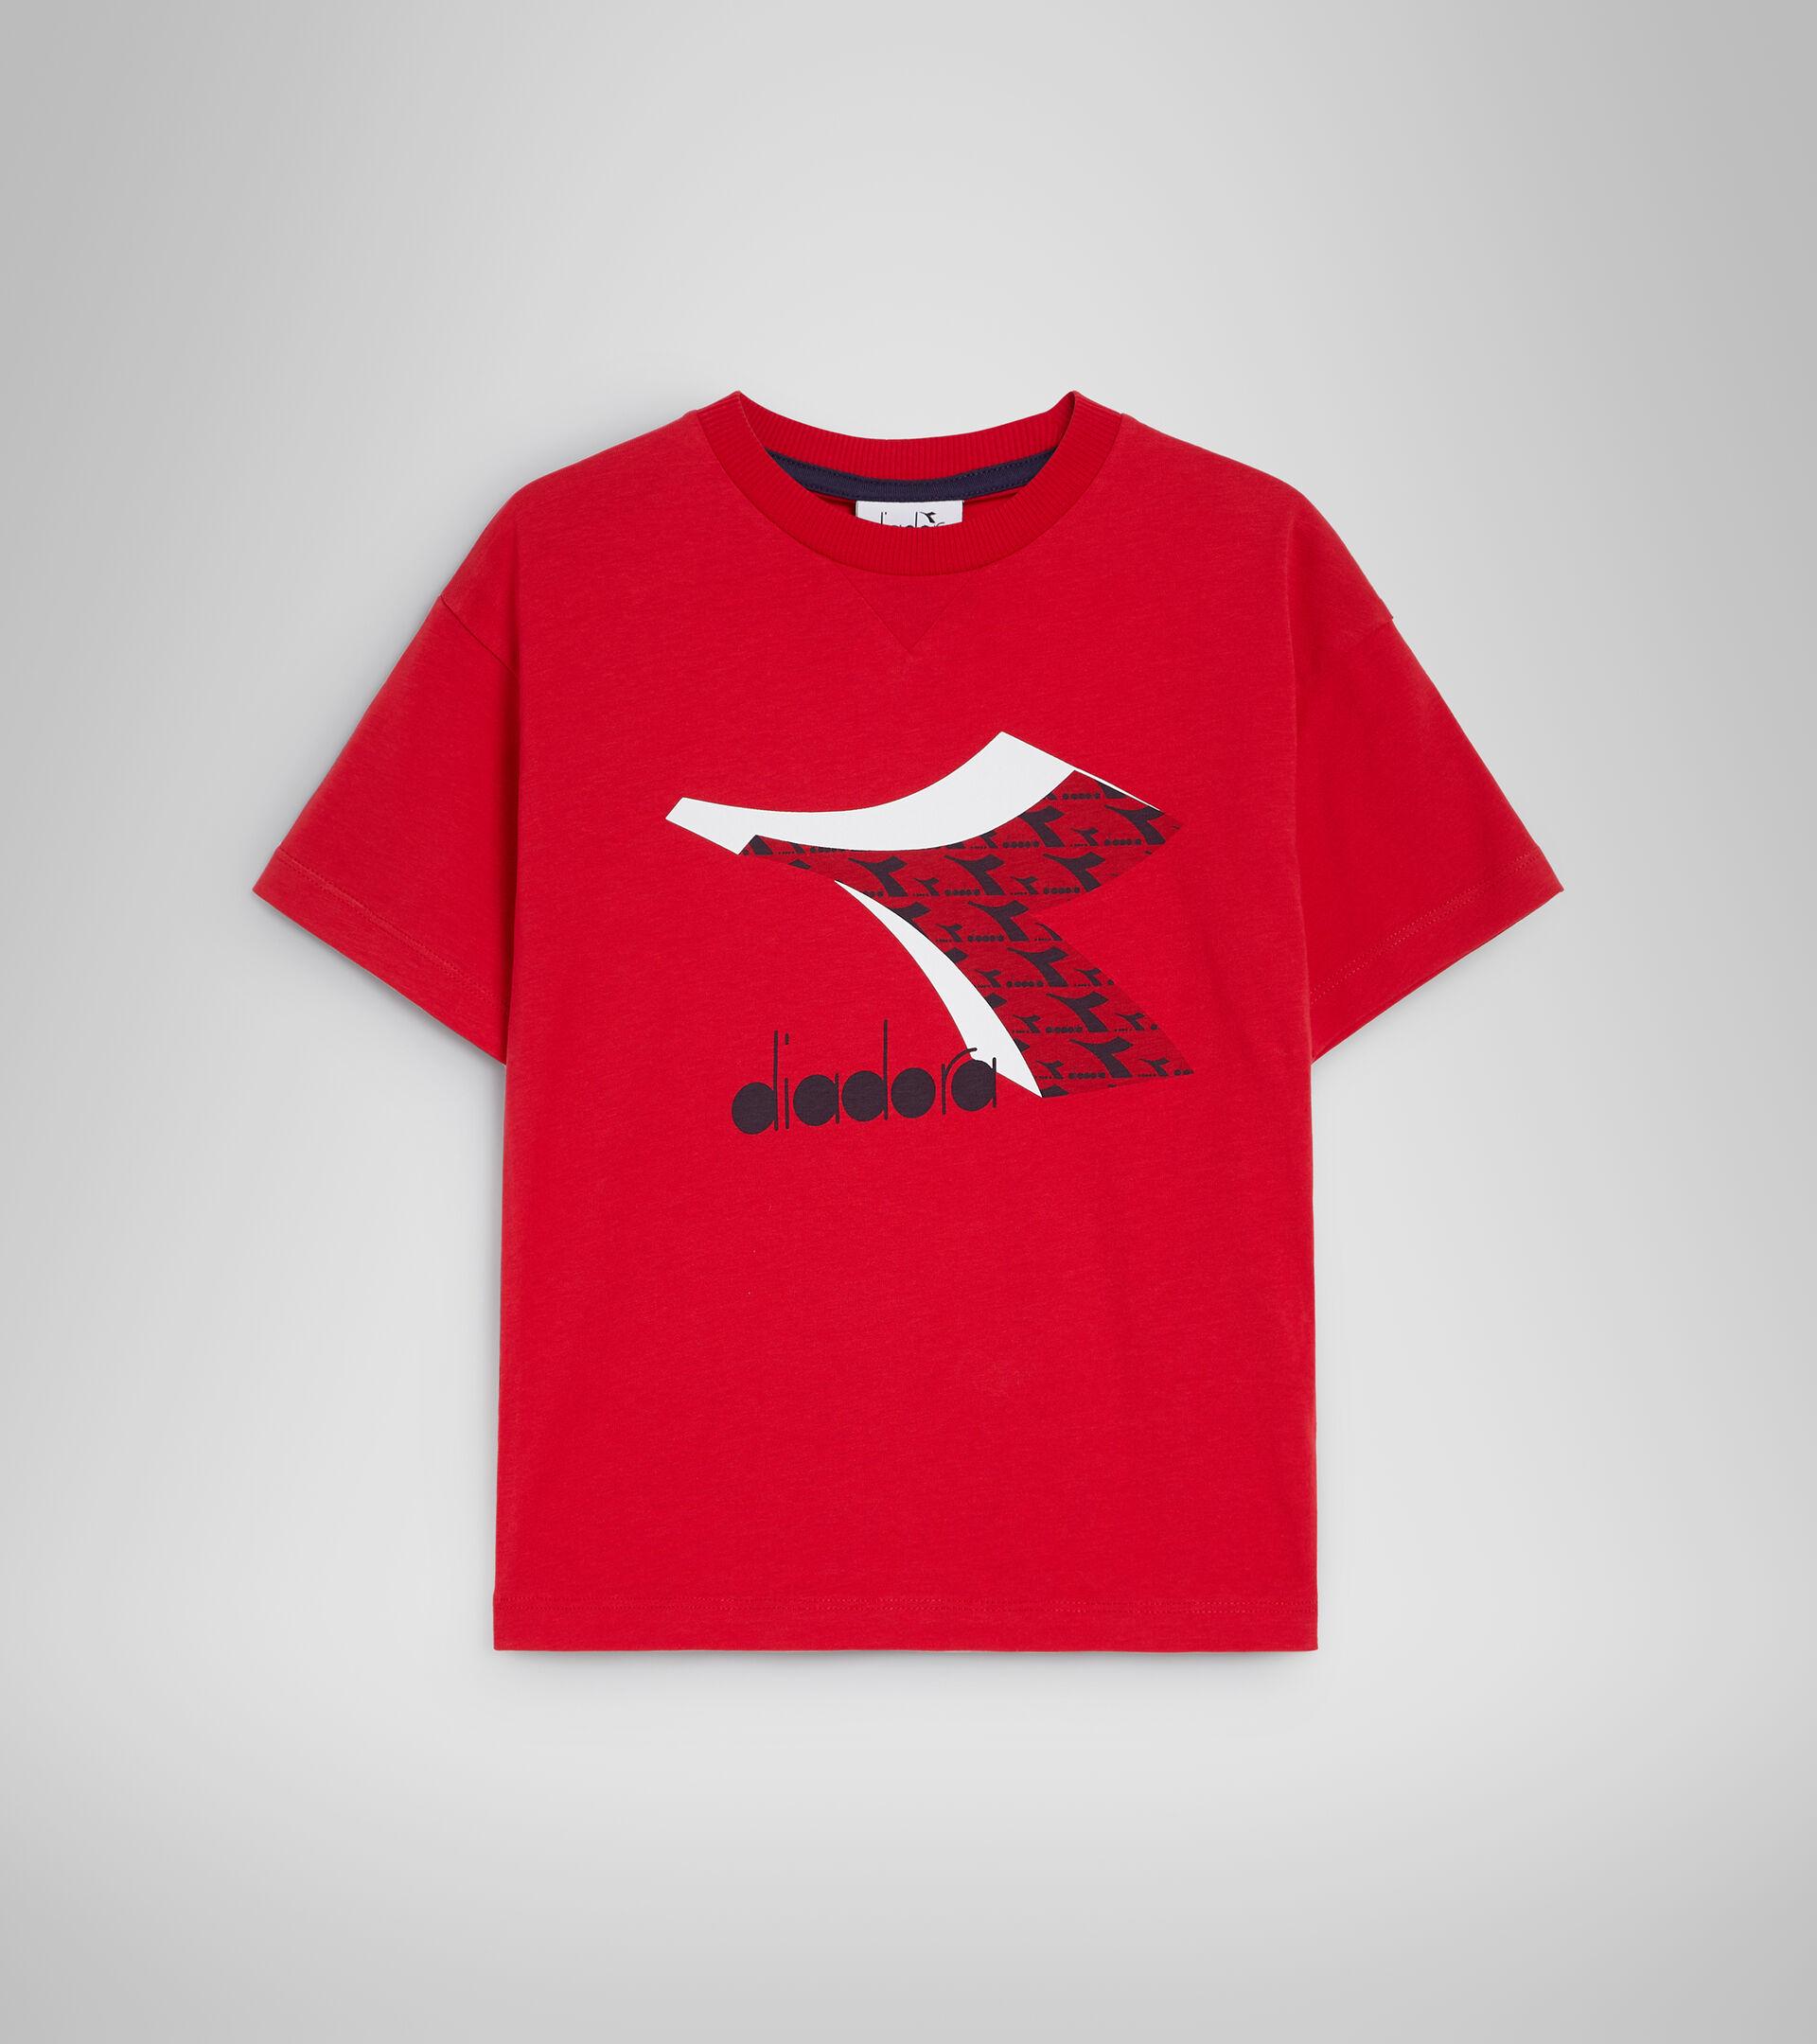 T-Shirt - Kinder JU.SS T-SHIRT  CUBIC TANGOROT - Diadora